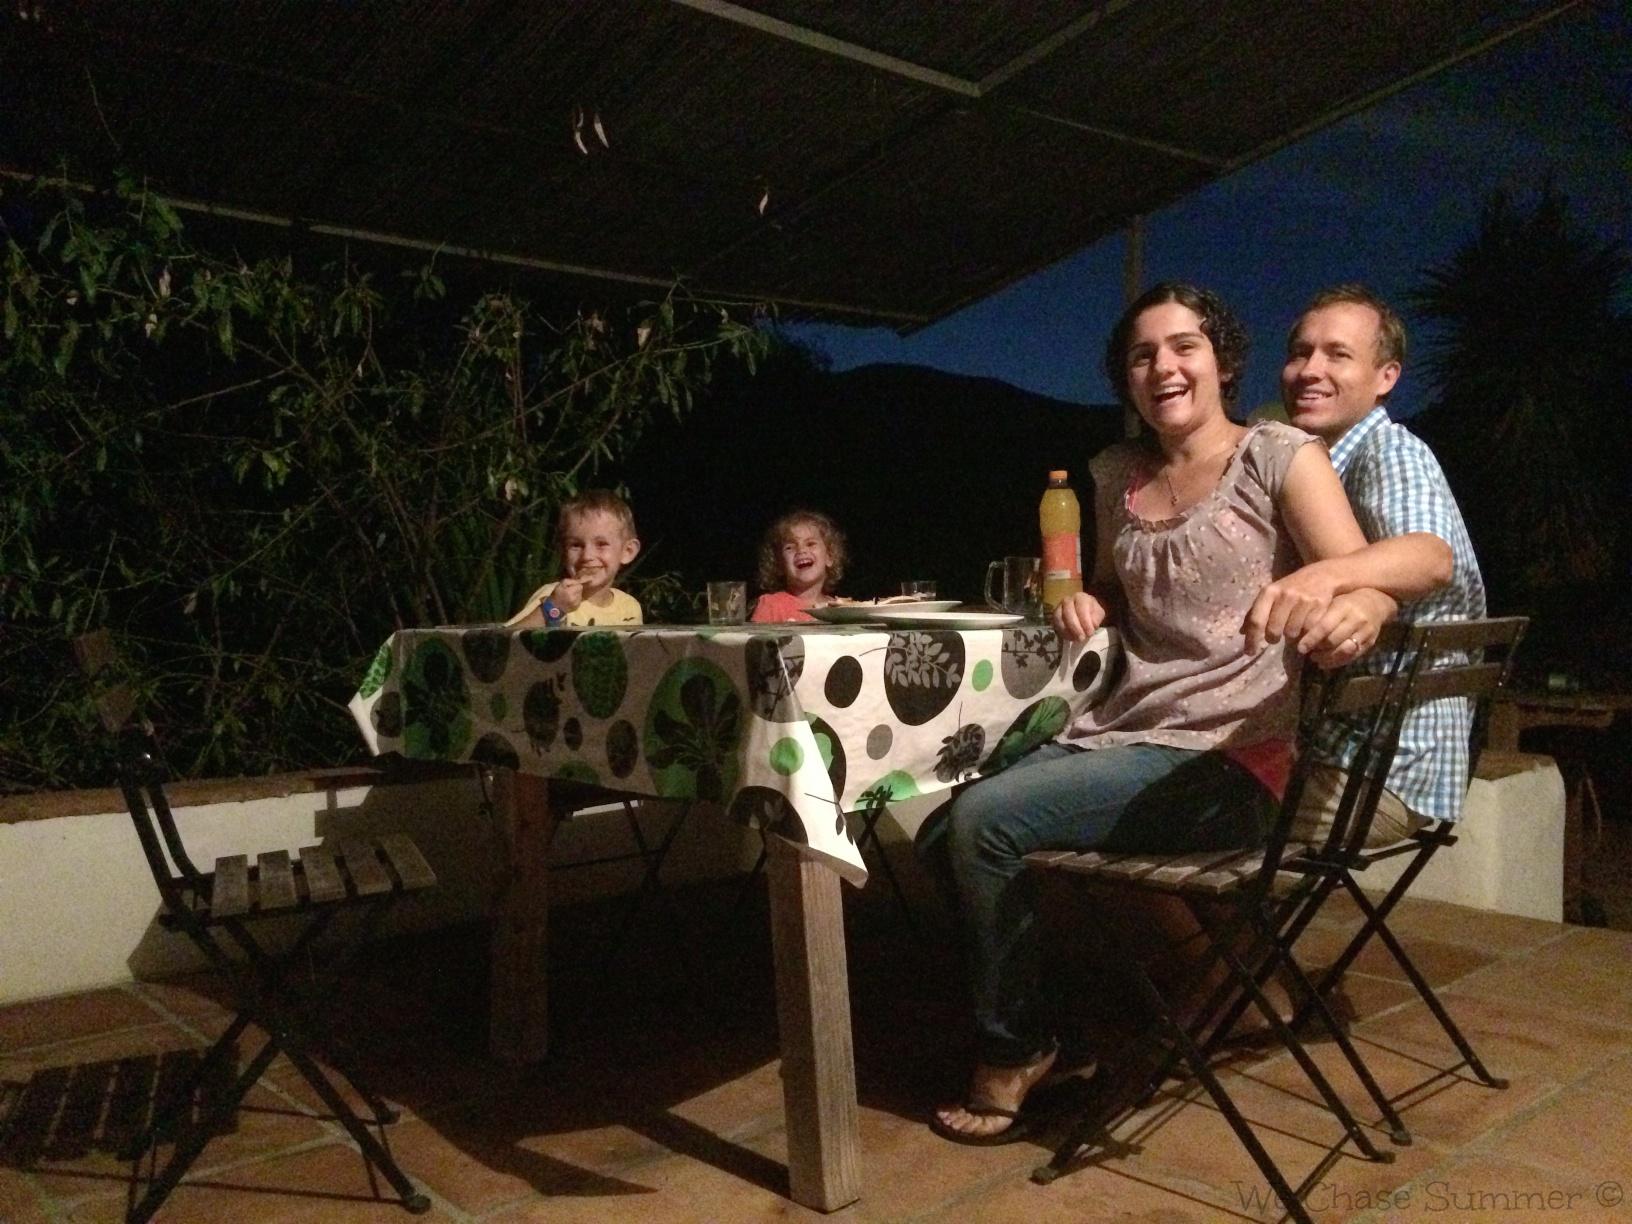 Family dinner on the terrace